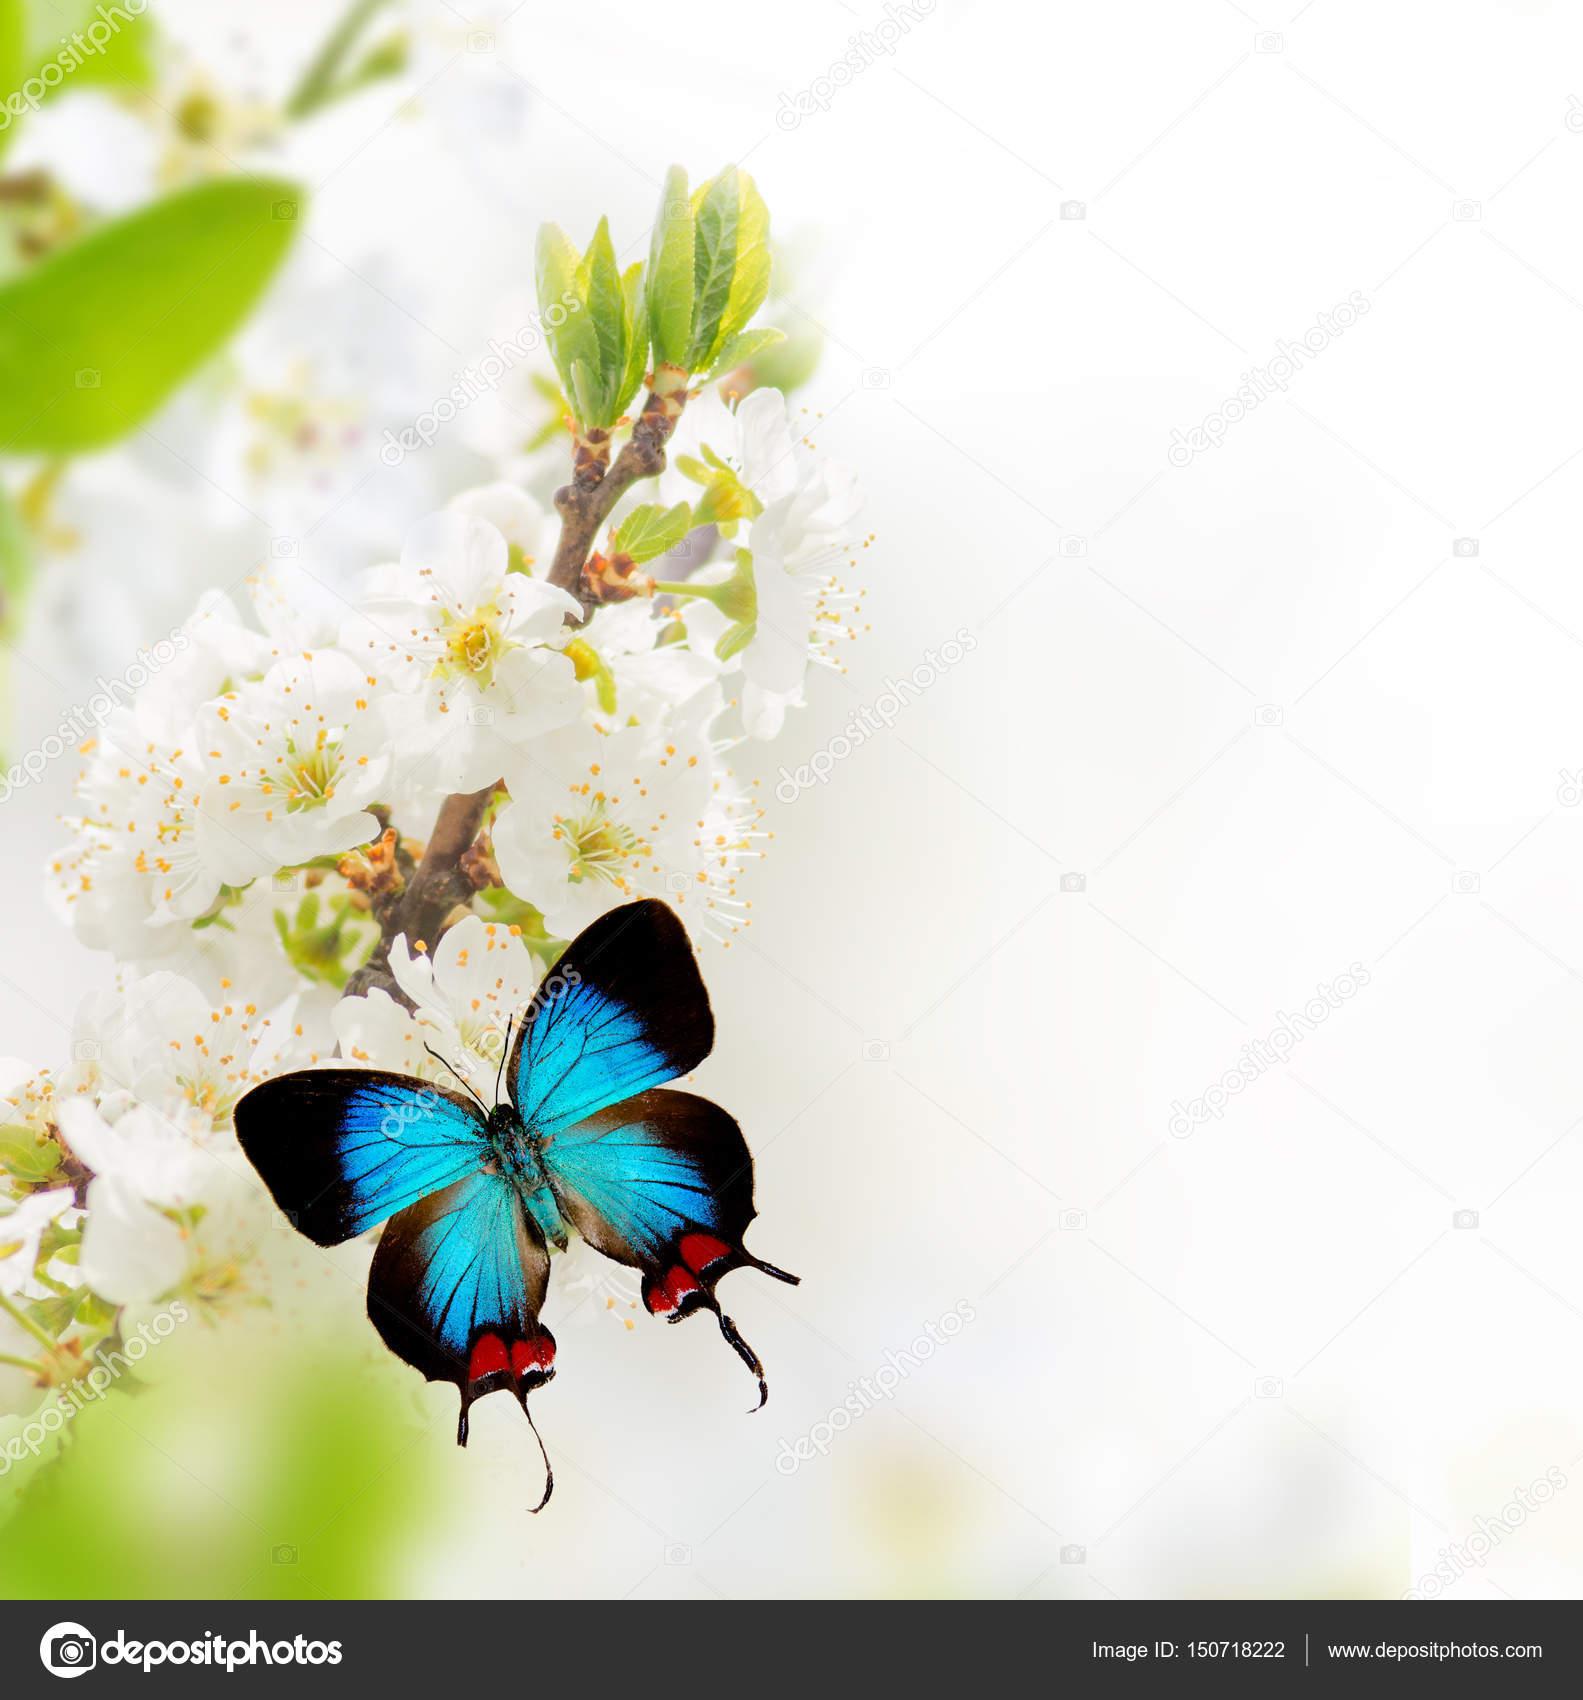 Imagenes Animadas Mariposas De Brillantes